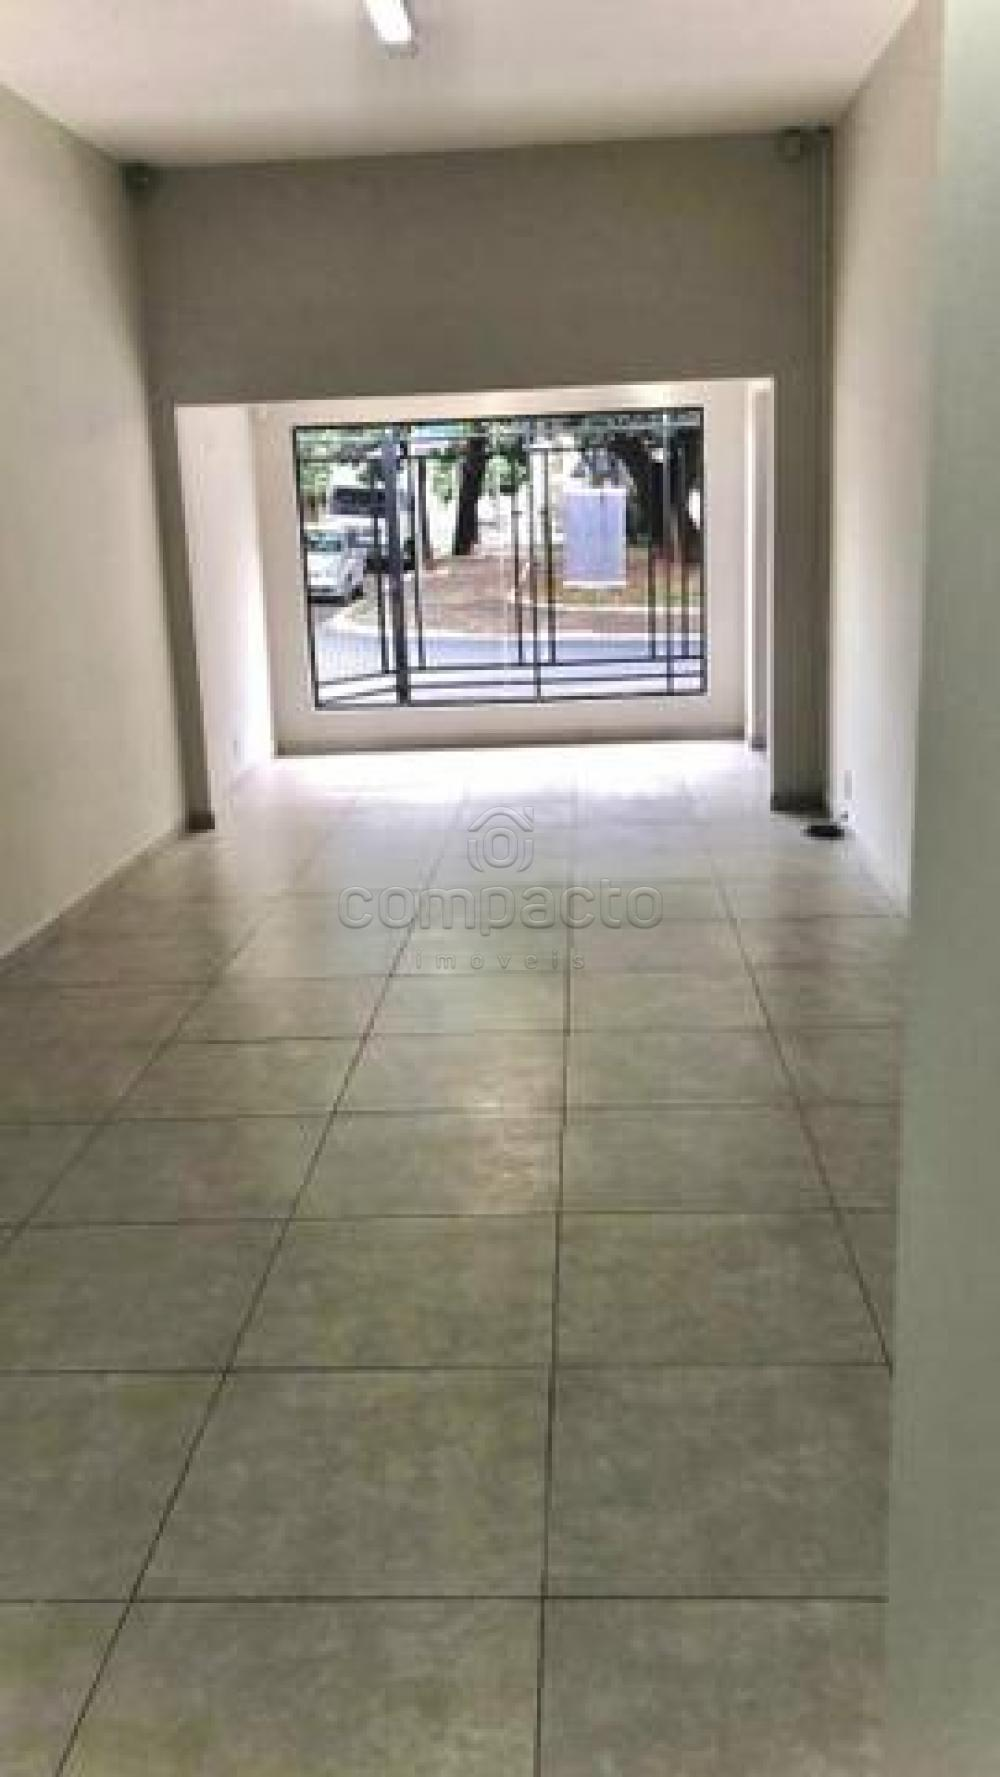 Alugar Comercial / Loja/Sala em São José do Rio Preto apenas R$ 1.250,00 - Foto 7